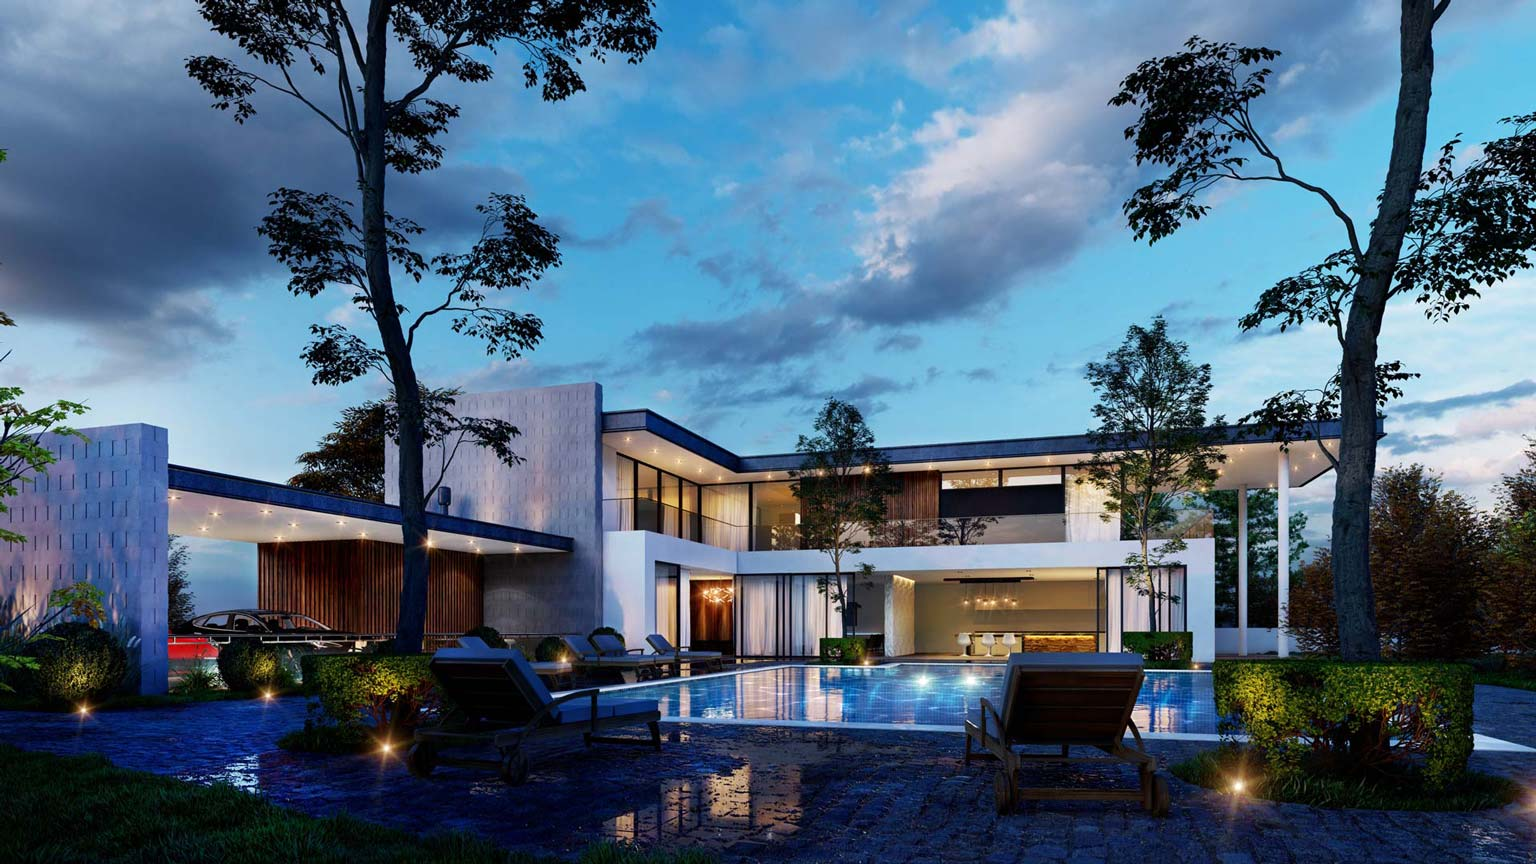 Villa-exterior-1536x864_Lumion10_GuiFelix